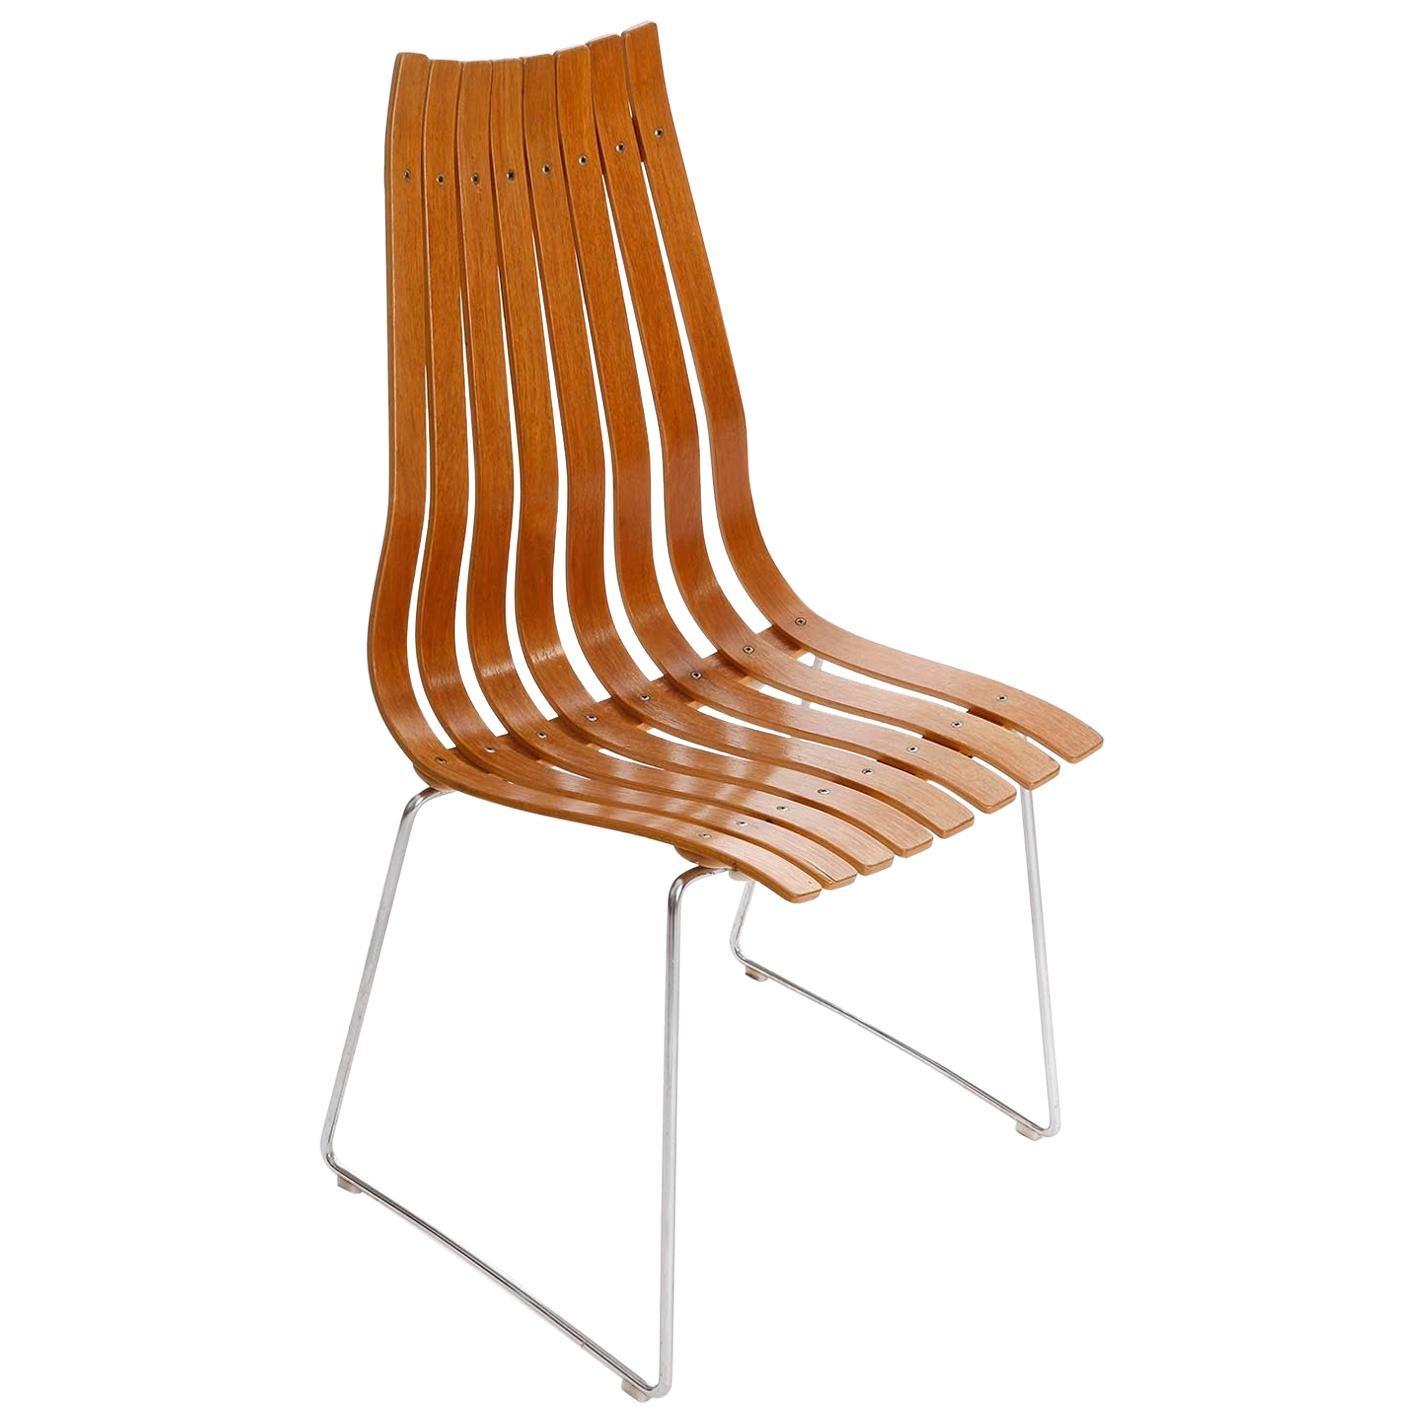 Hans Brattrud 'Scandia' Lounge Chair, Norway, 1960